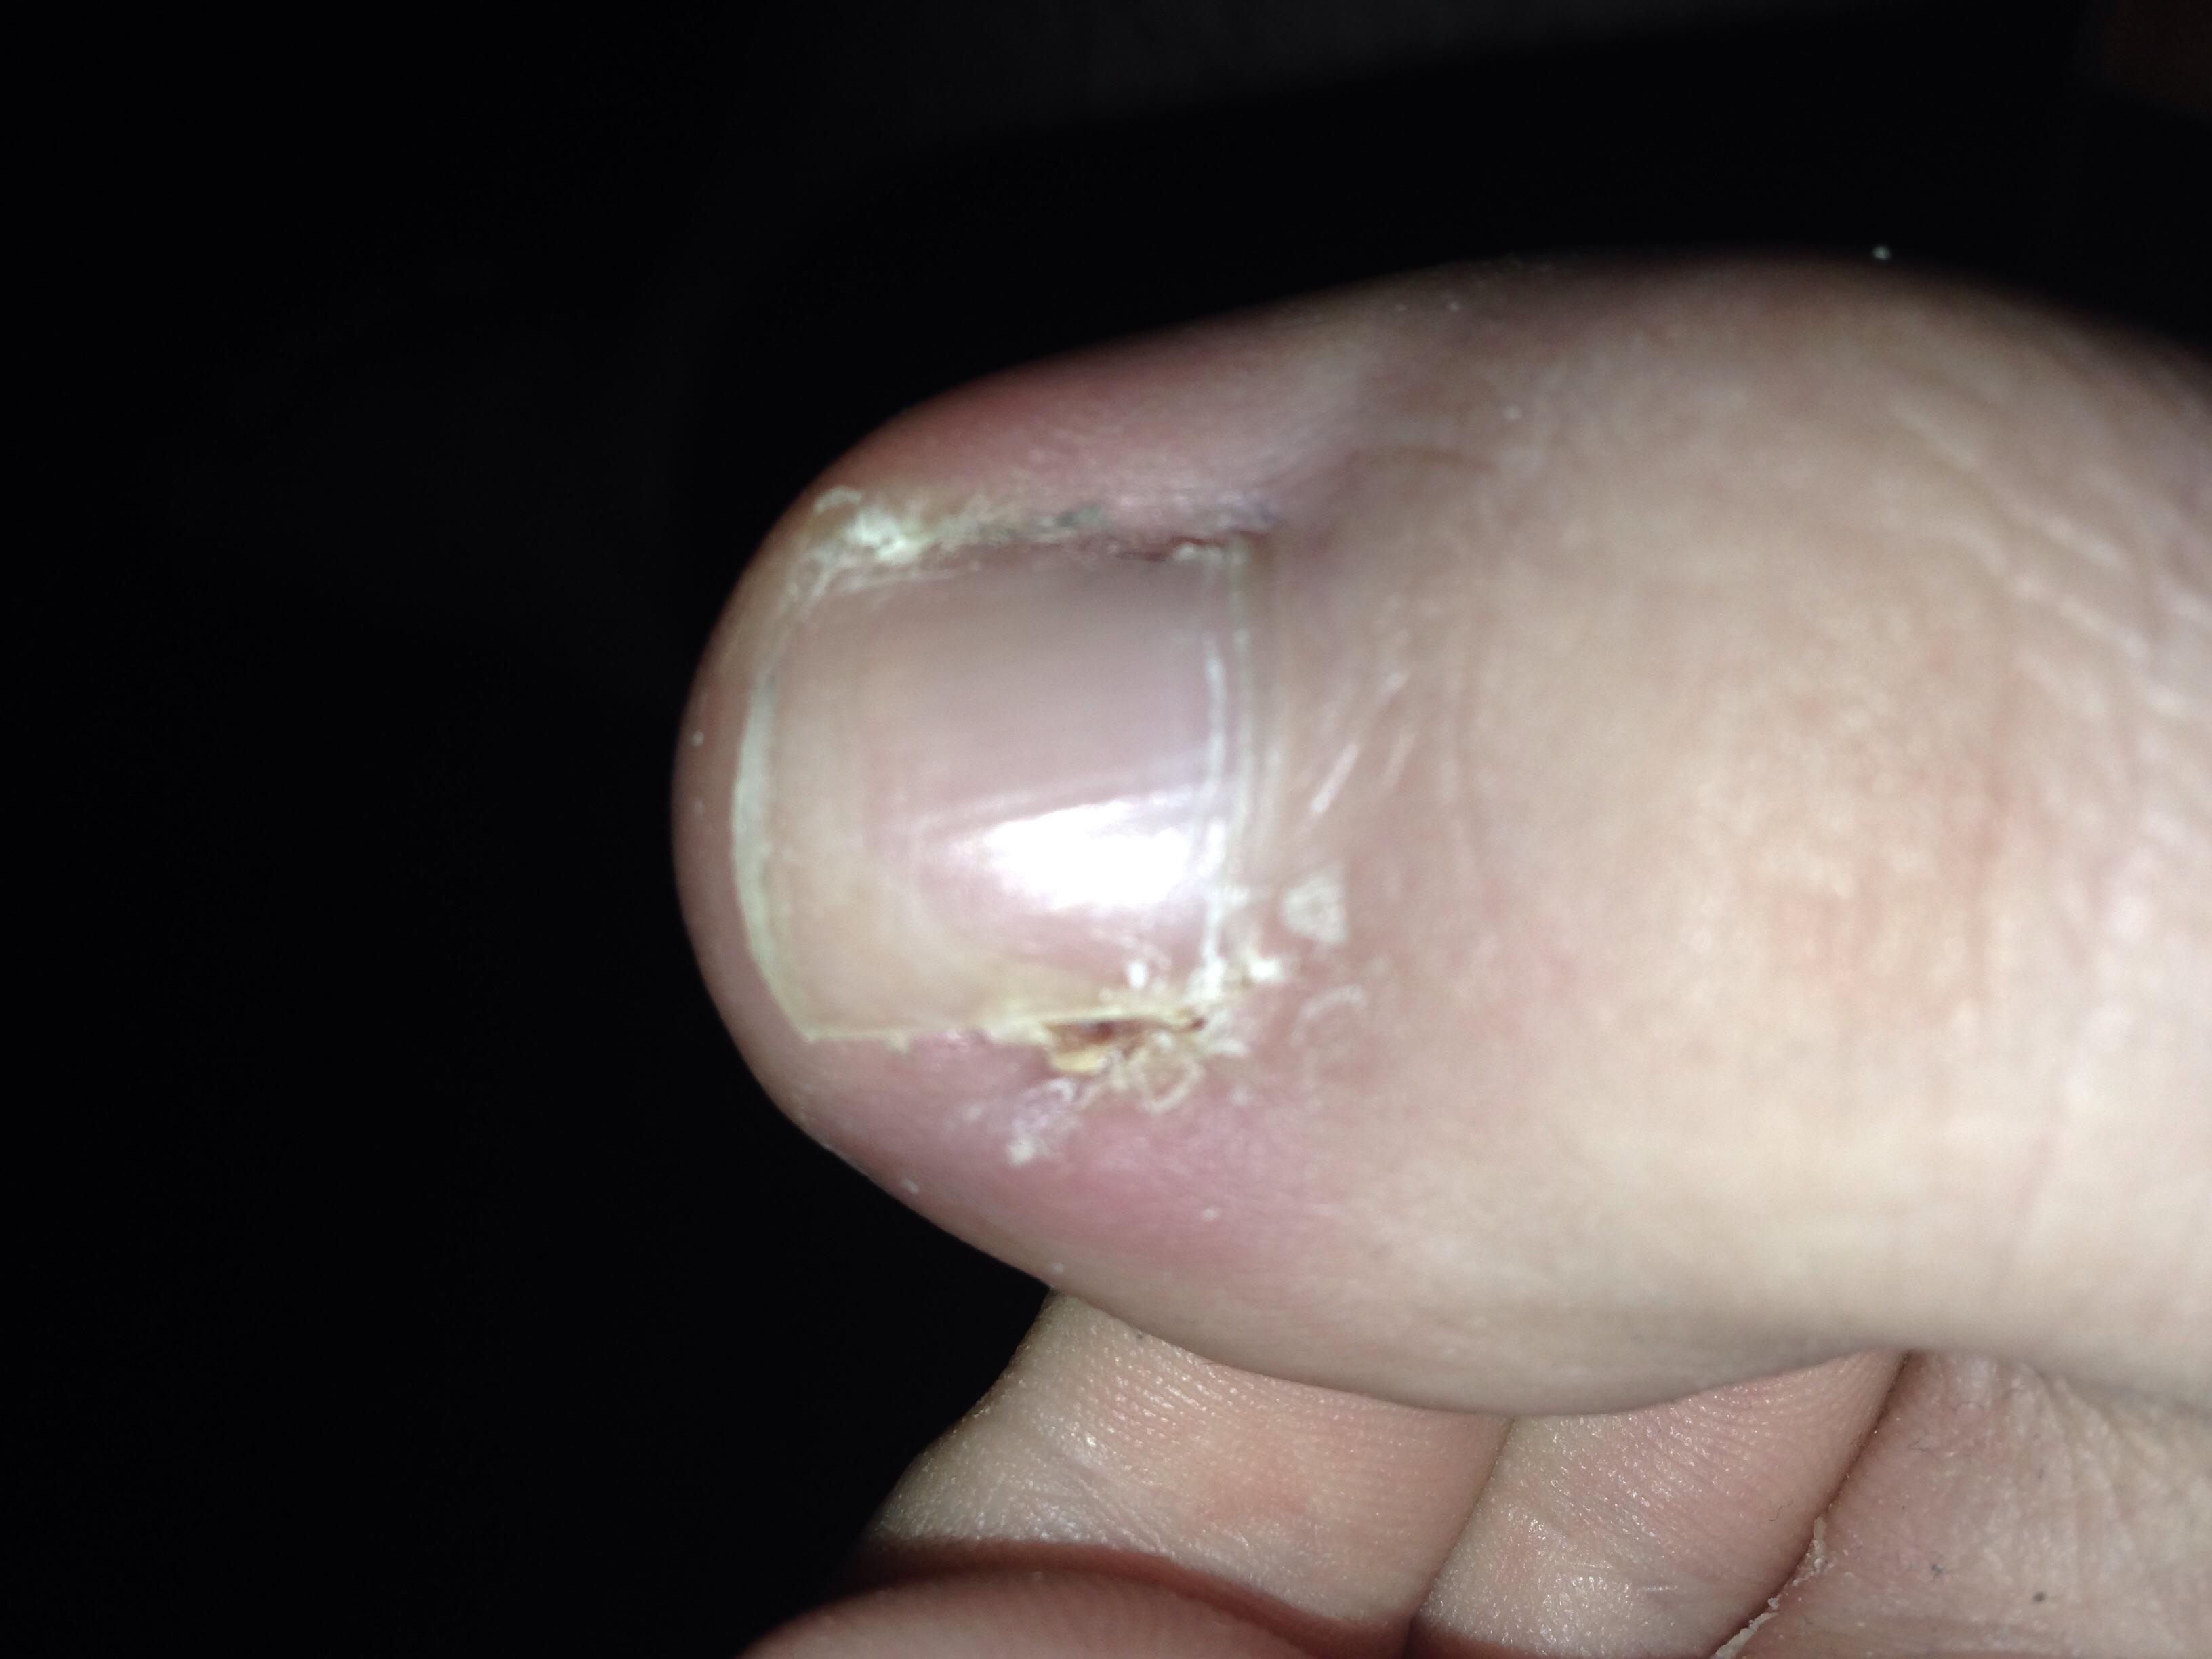 Verfärbung unter dem Nagel/am Nagel, was ist das? (Gesundheit, Nägel)